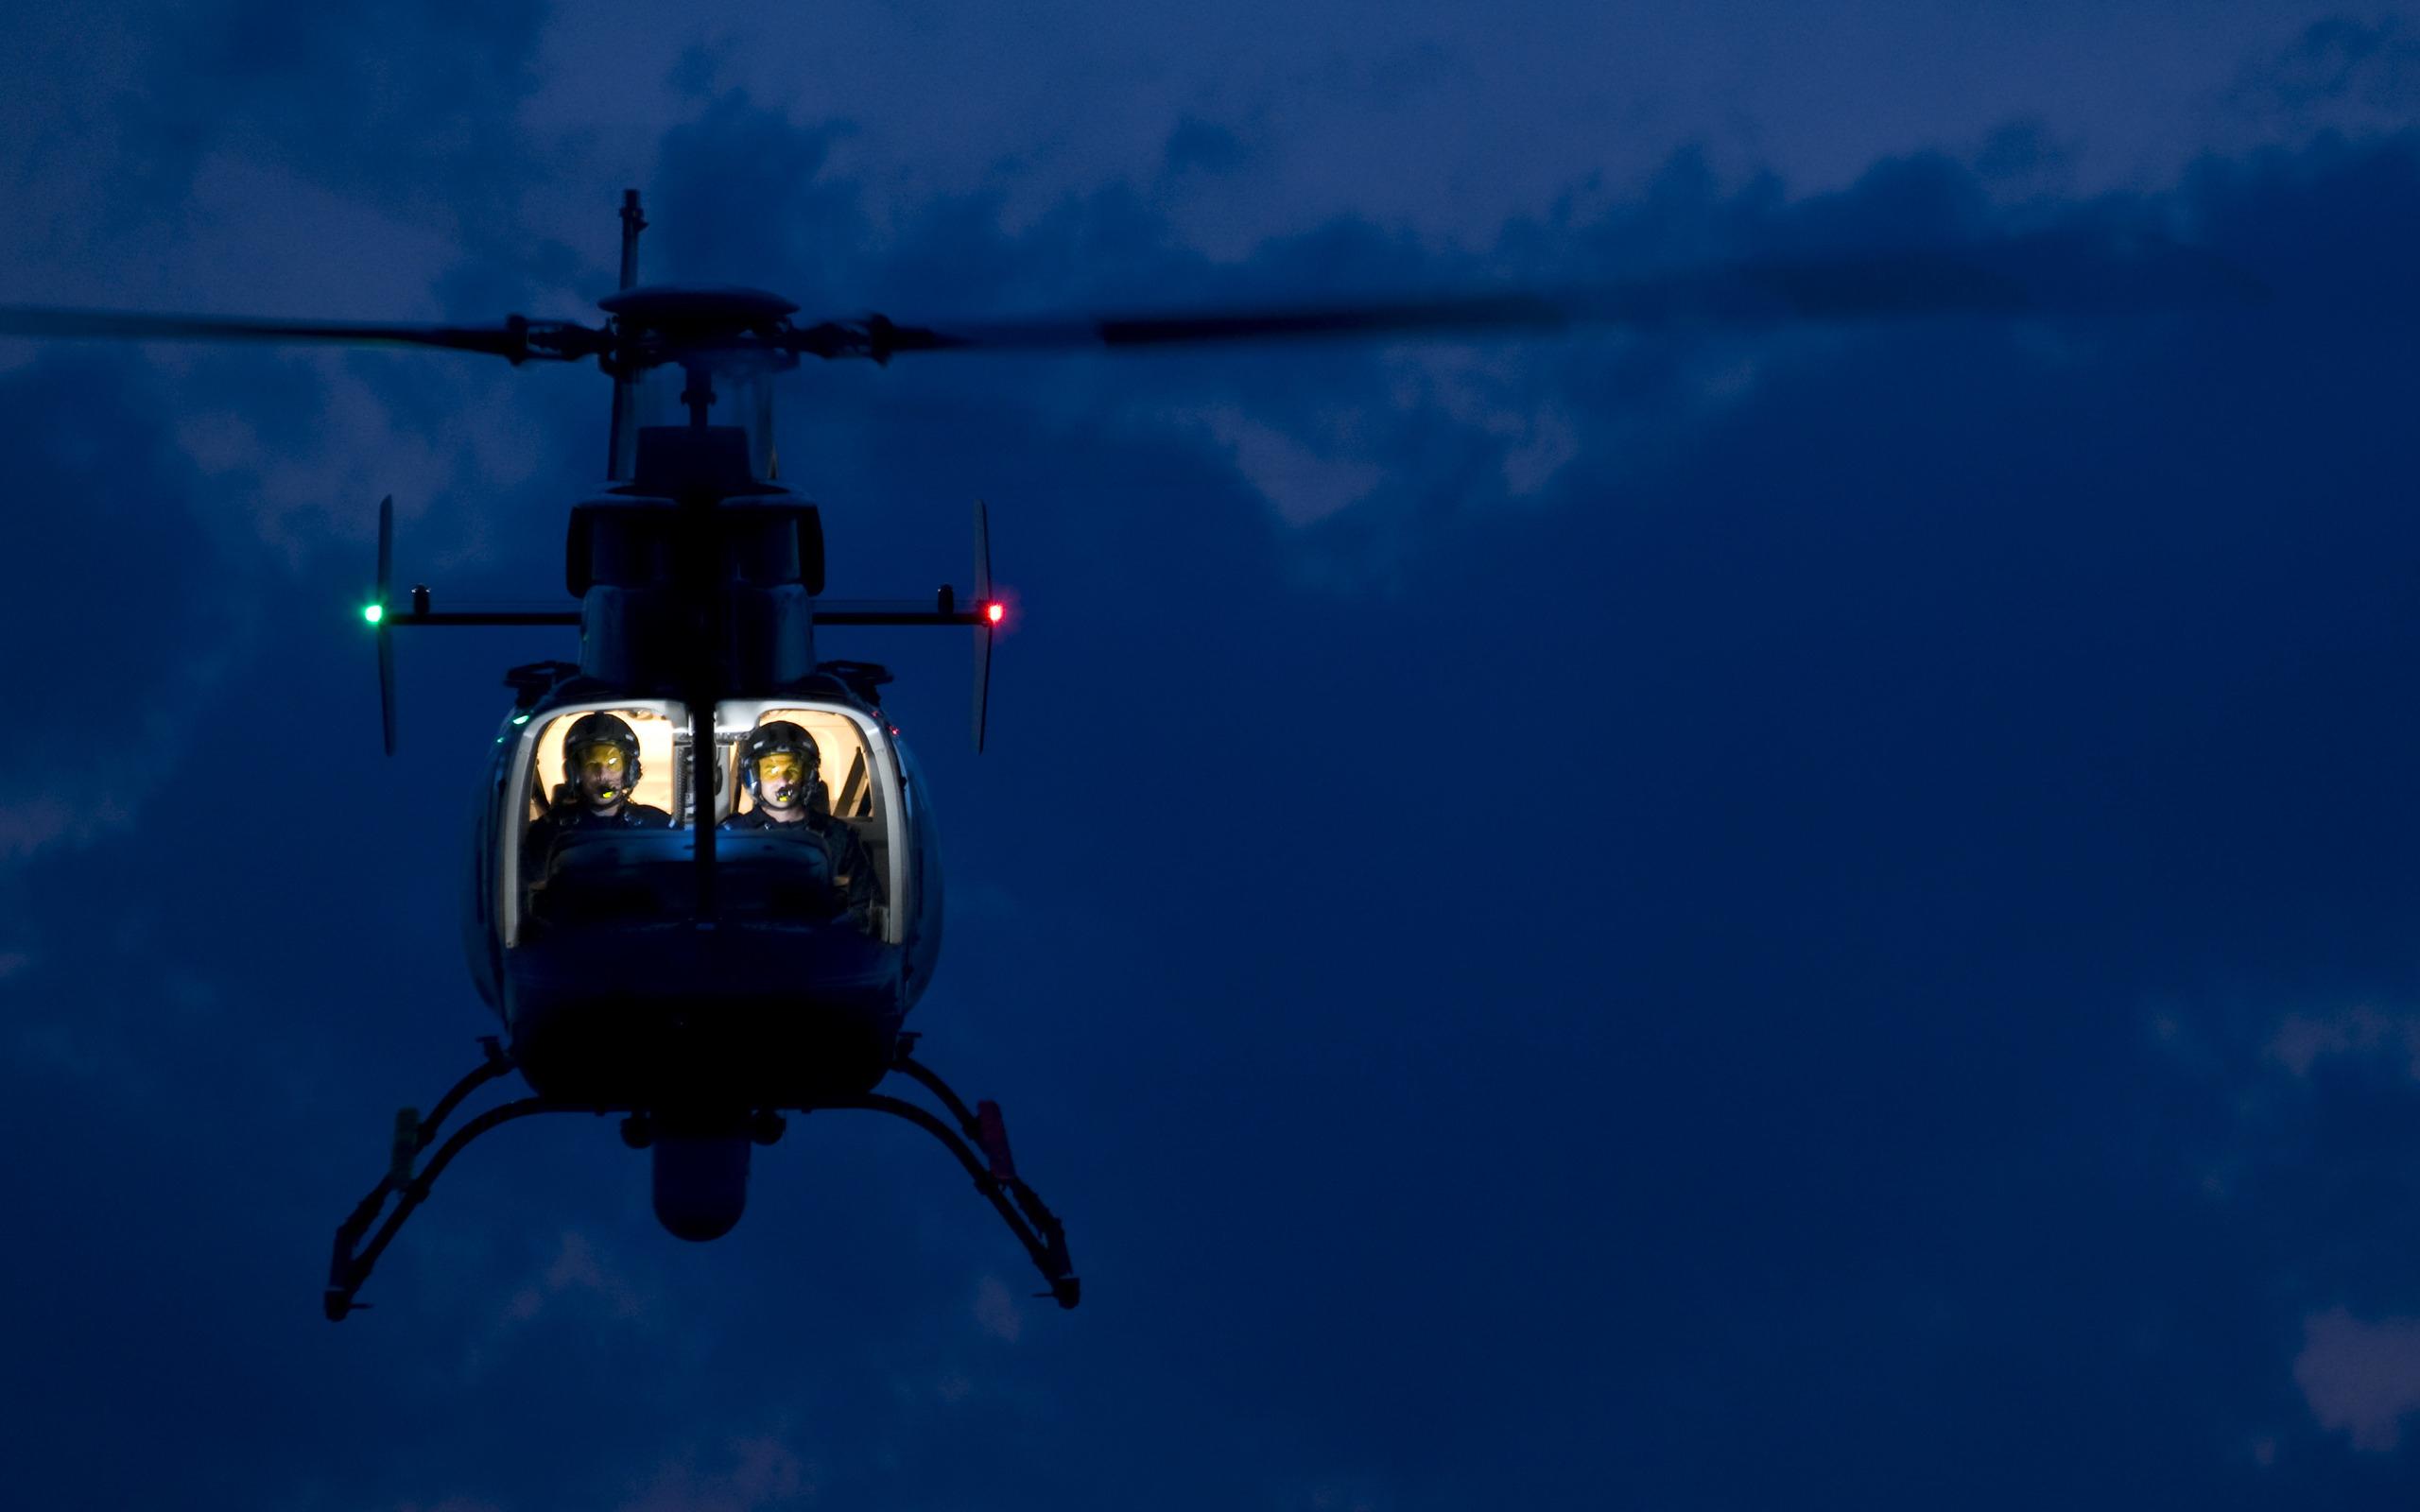 Искры, полет, огонь, вертолет, небо, самолет  № 3749003 без смс